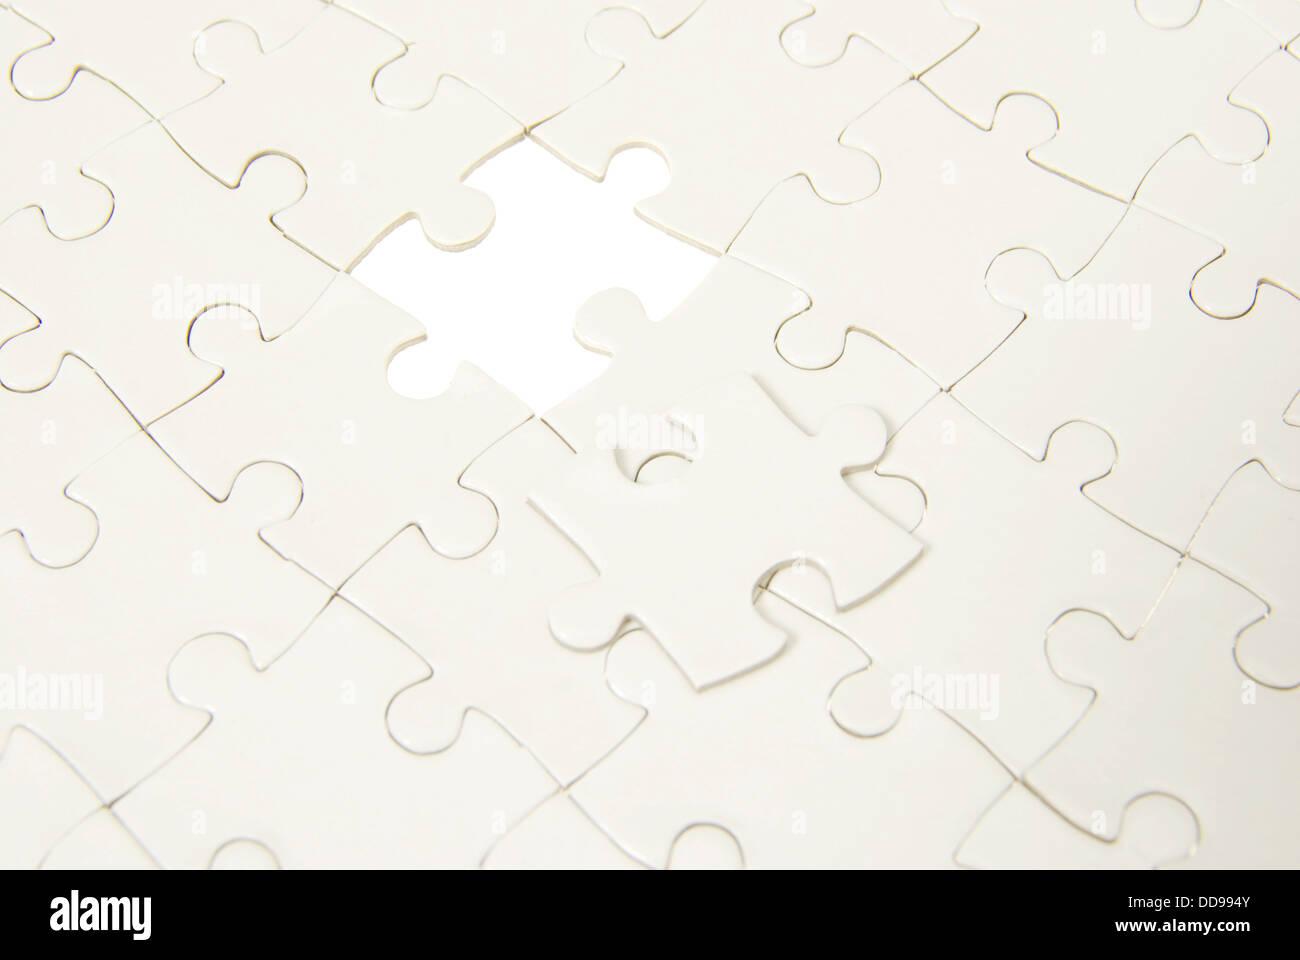 background puzzle - Stock Image